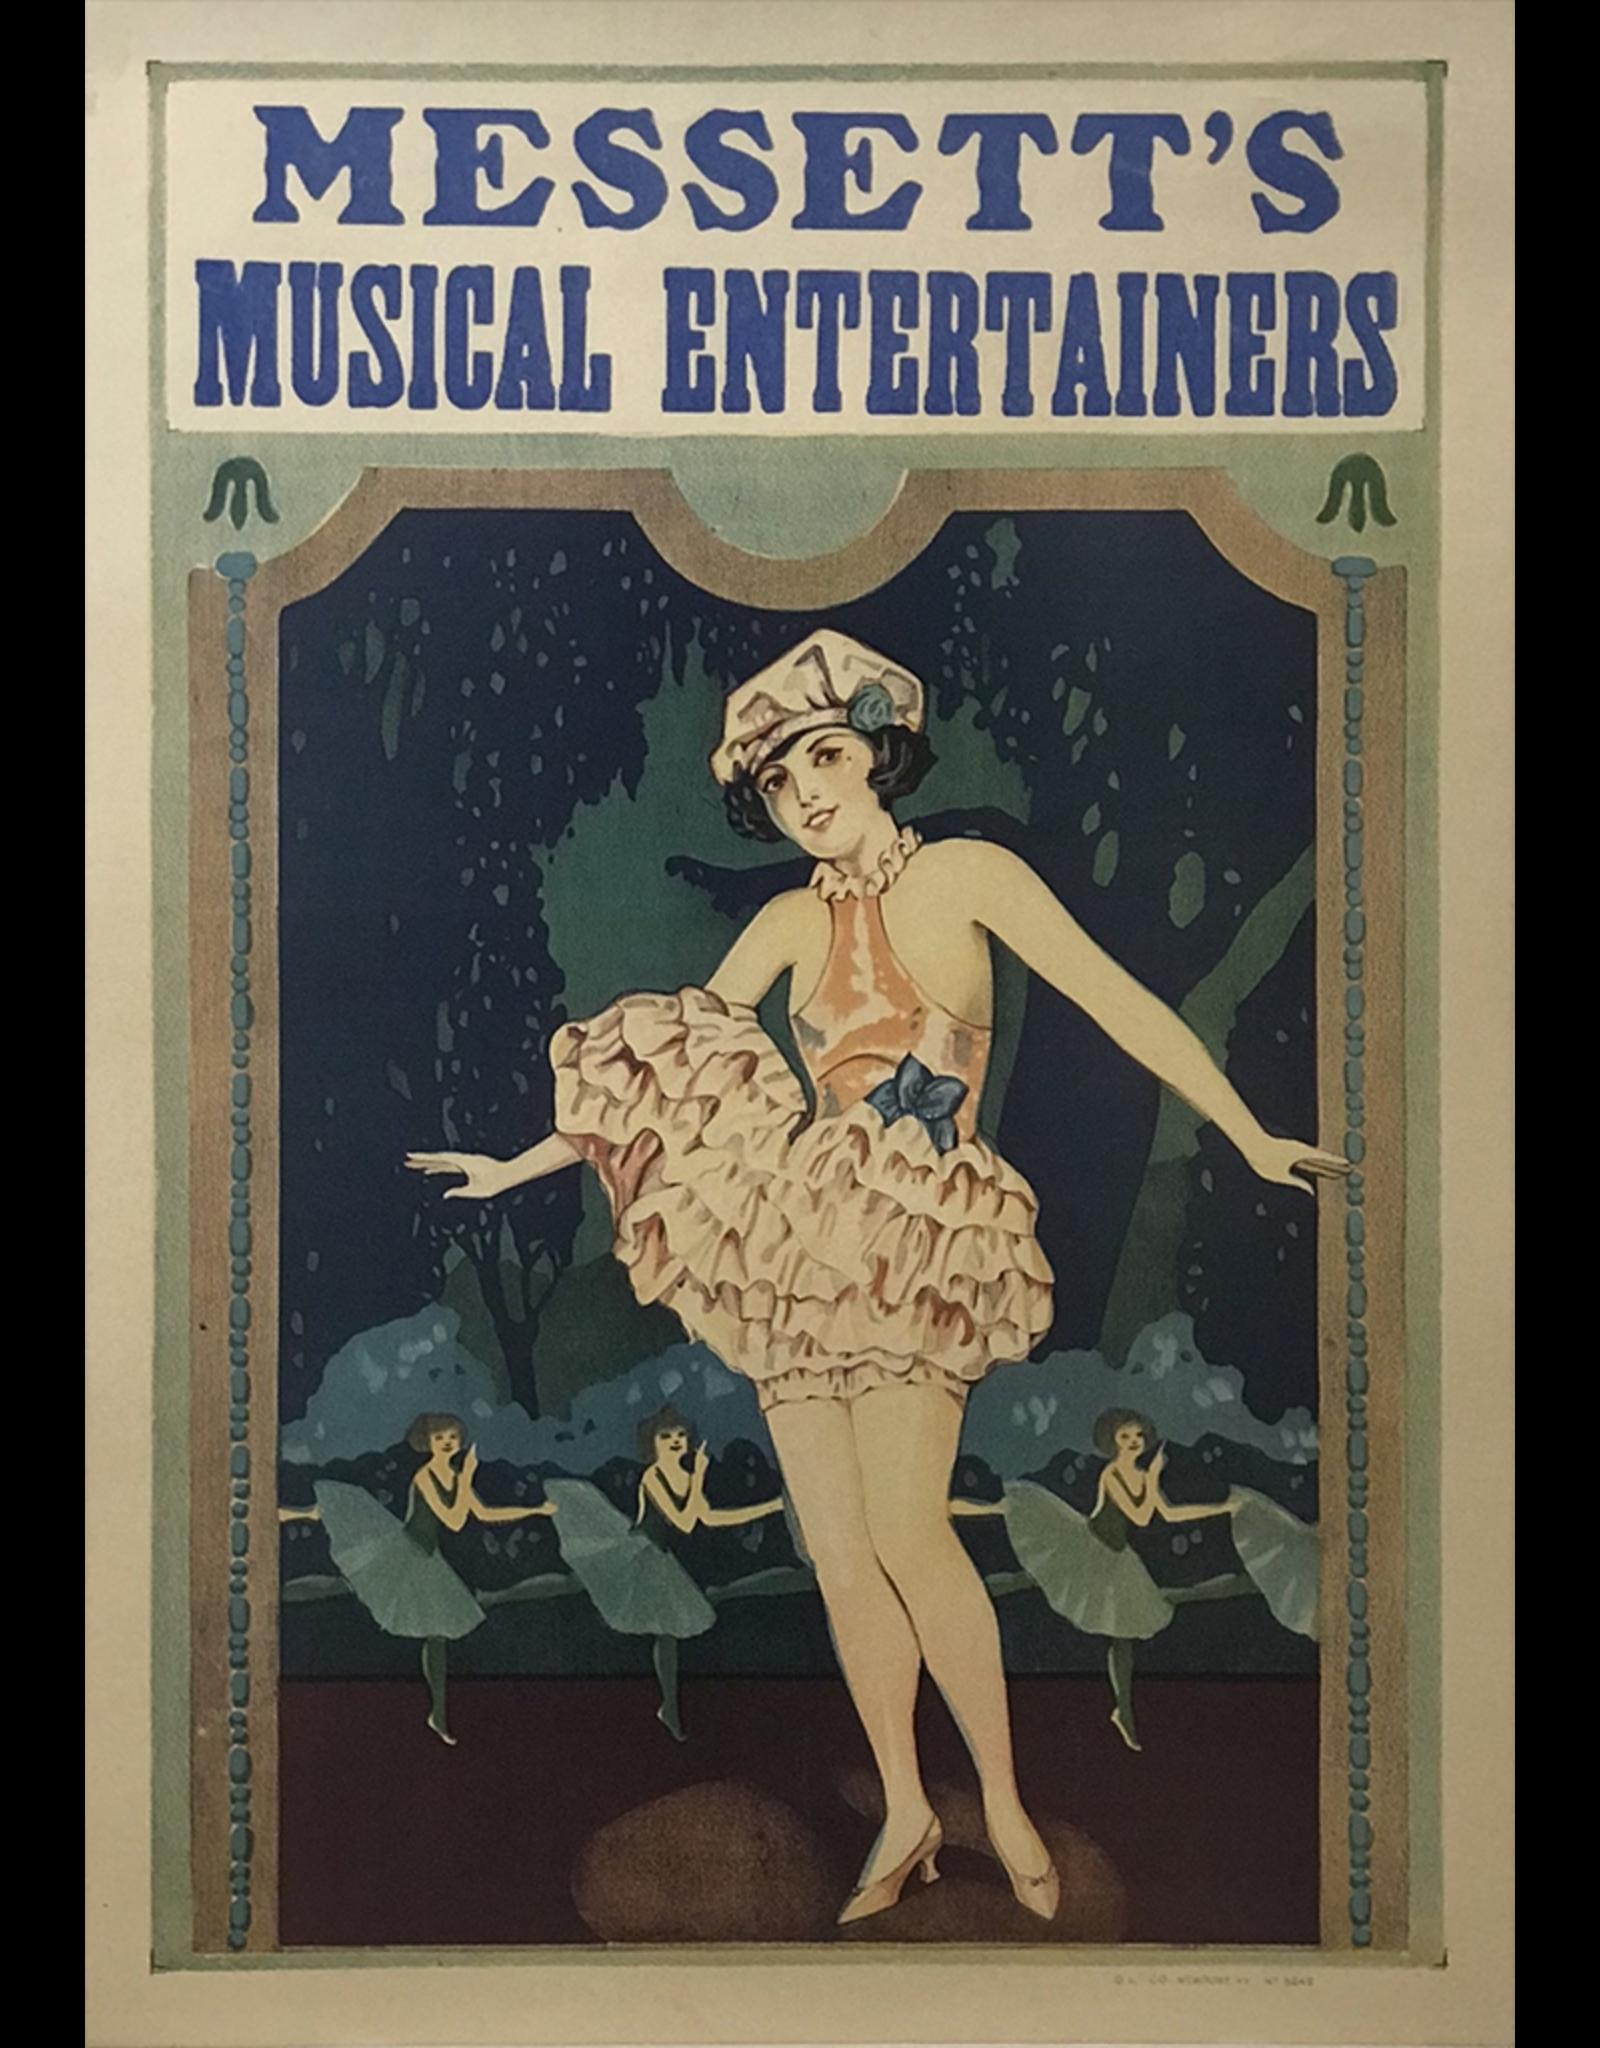 SPV Messett's Musical Entertainers